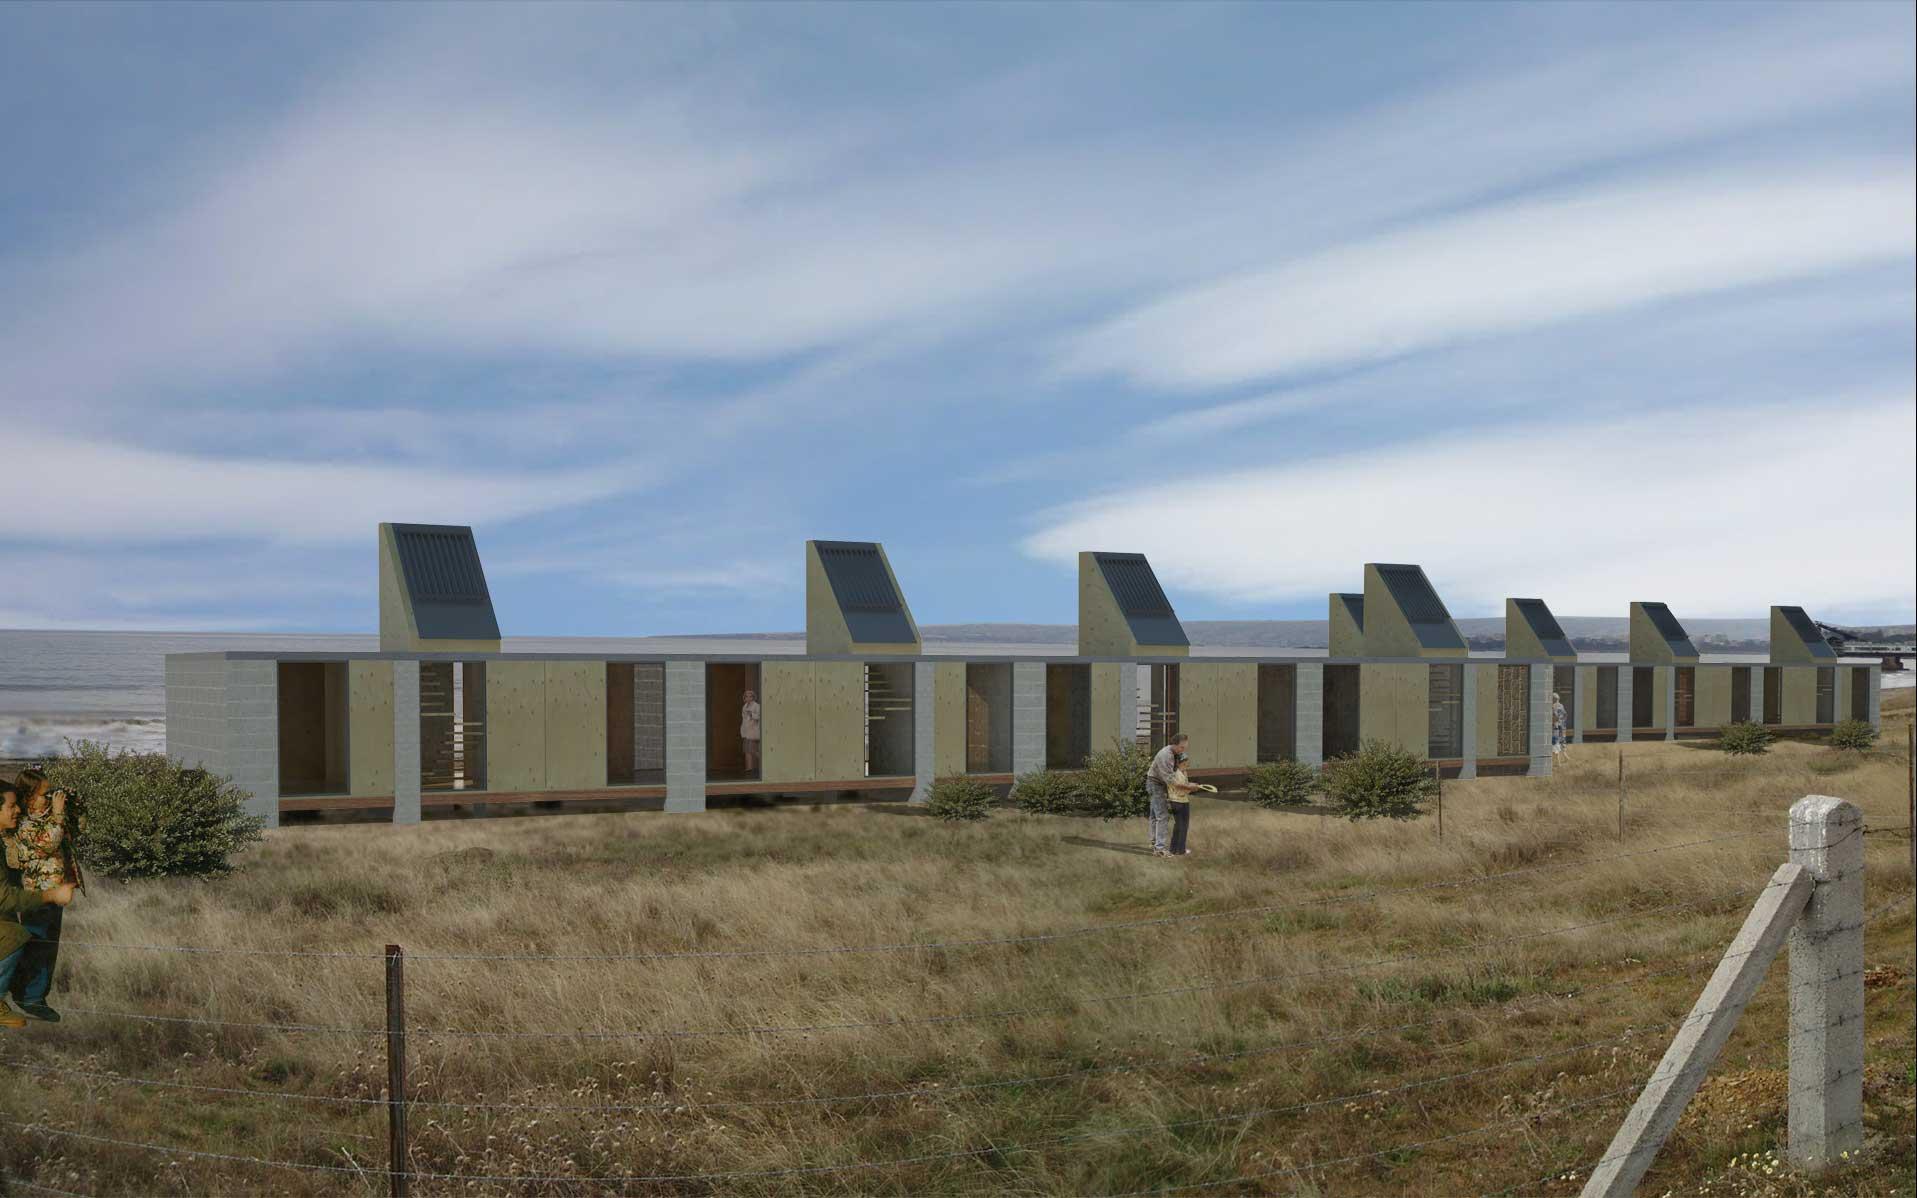 Arquitectura, concurso, viviendas apareadas antes de la inundación del tsunami